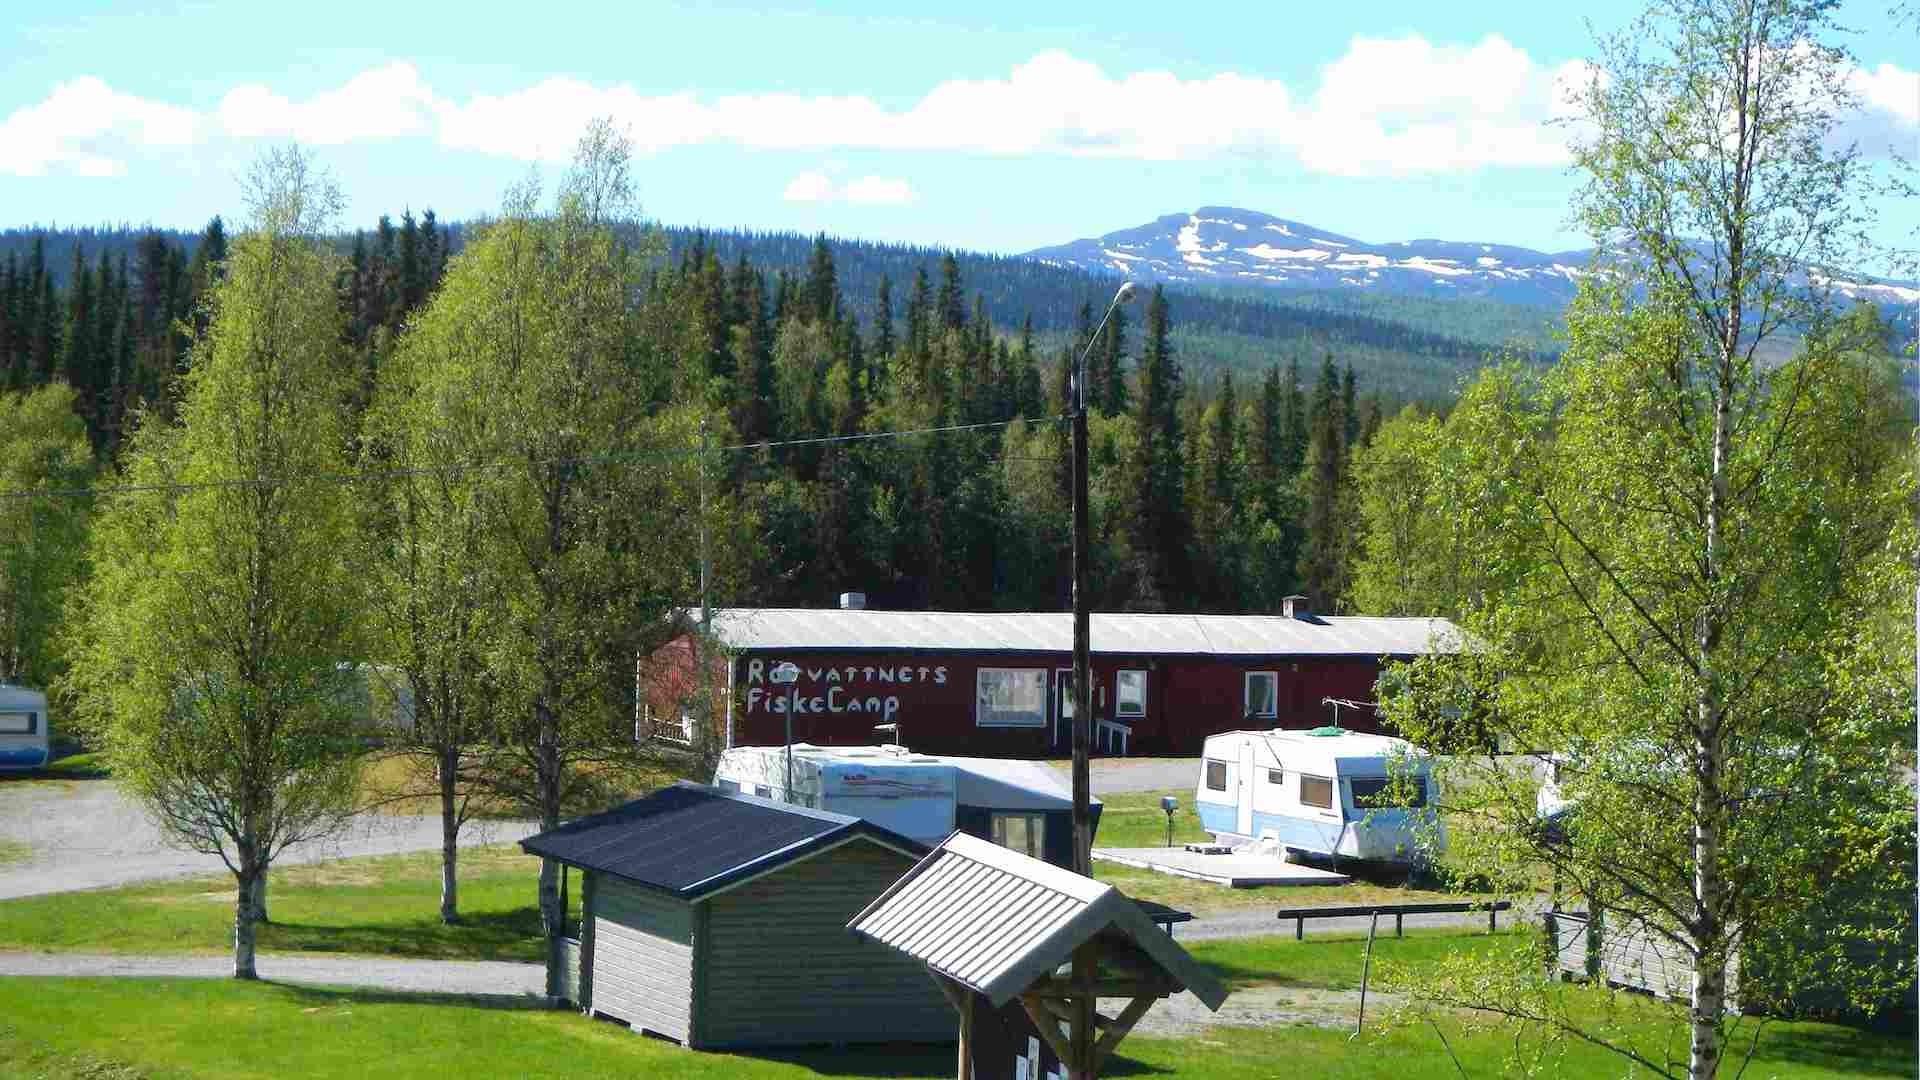 Foto Rörvattnets Fiskecamp